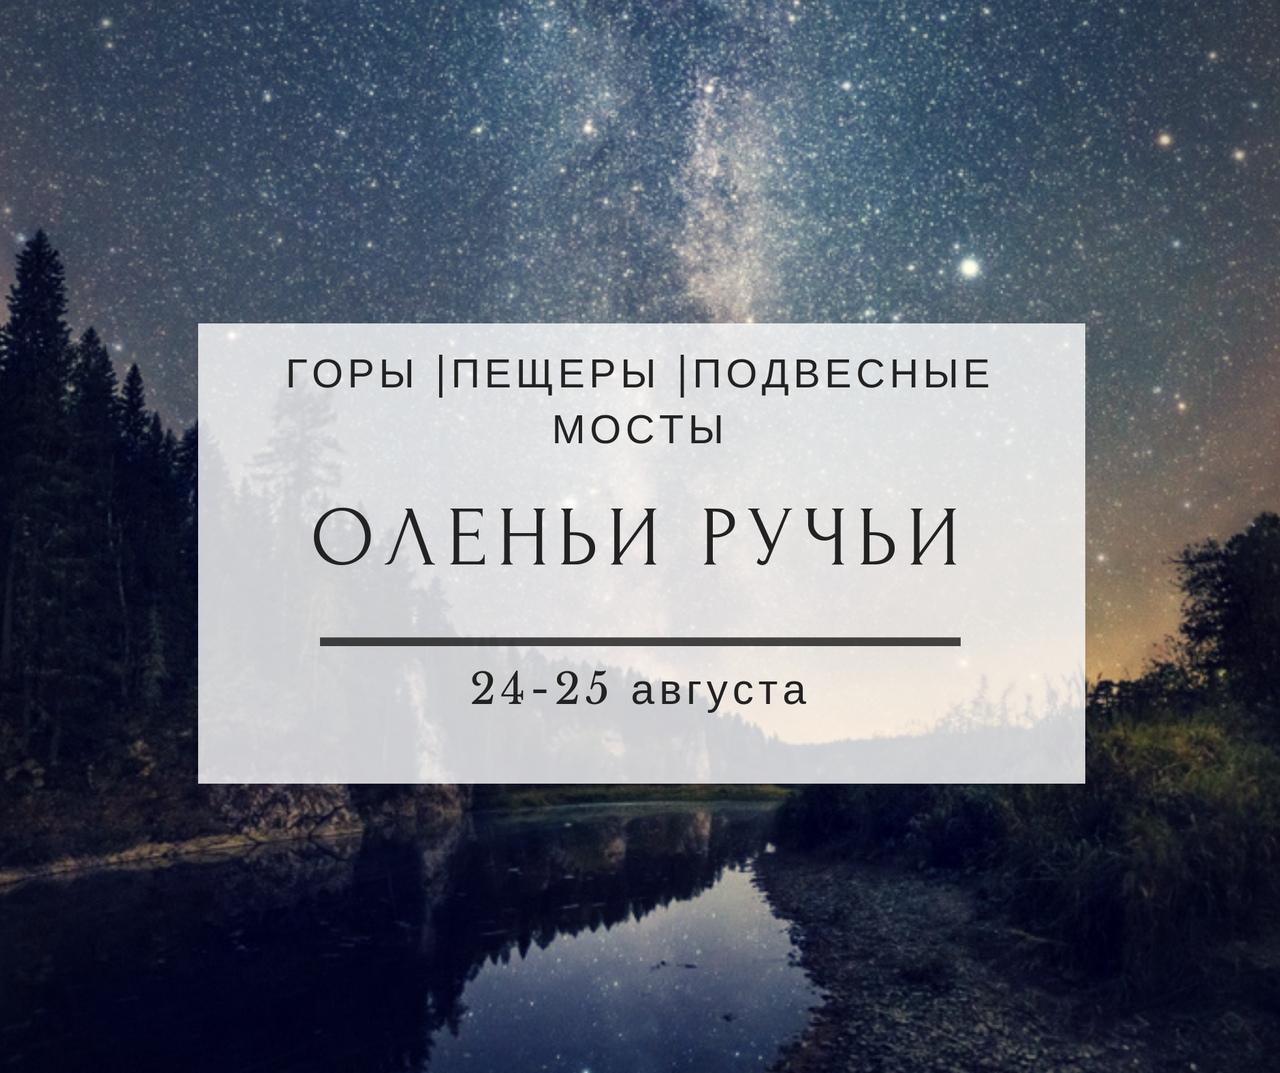 Афиша Тюмень ОЛЕНЬИ РУЧЬИ / 24-25 АВГУСТА